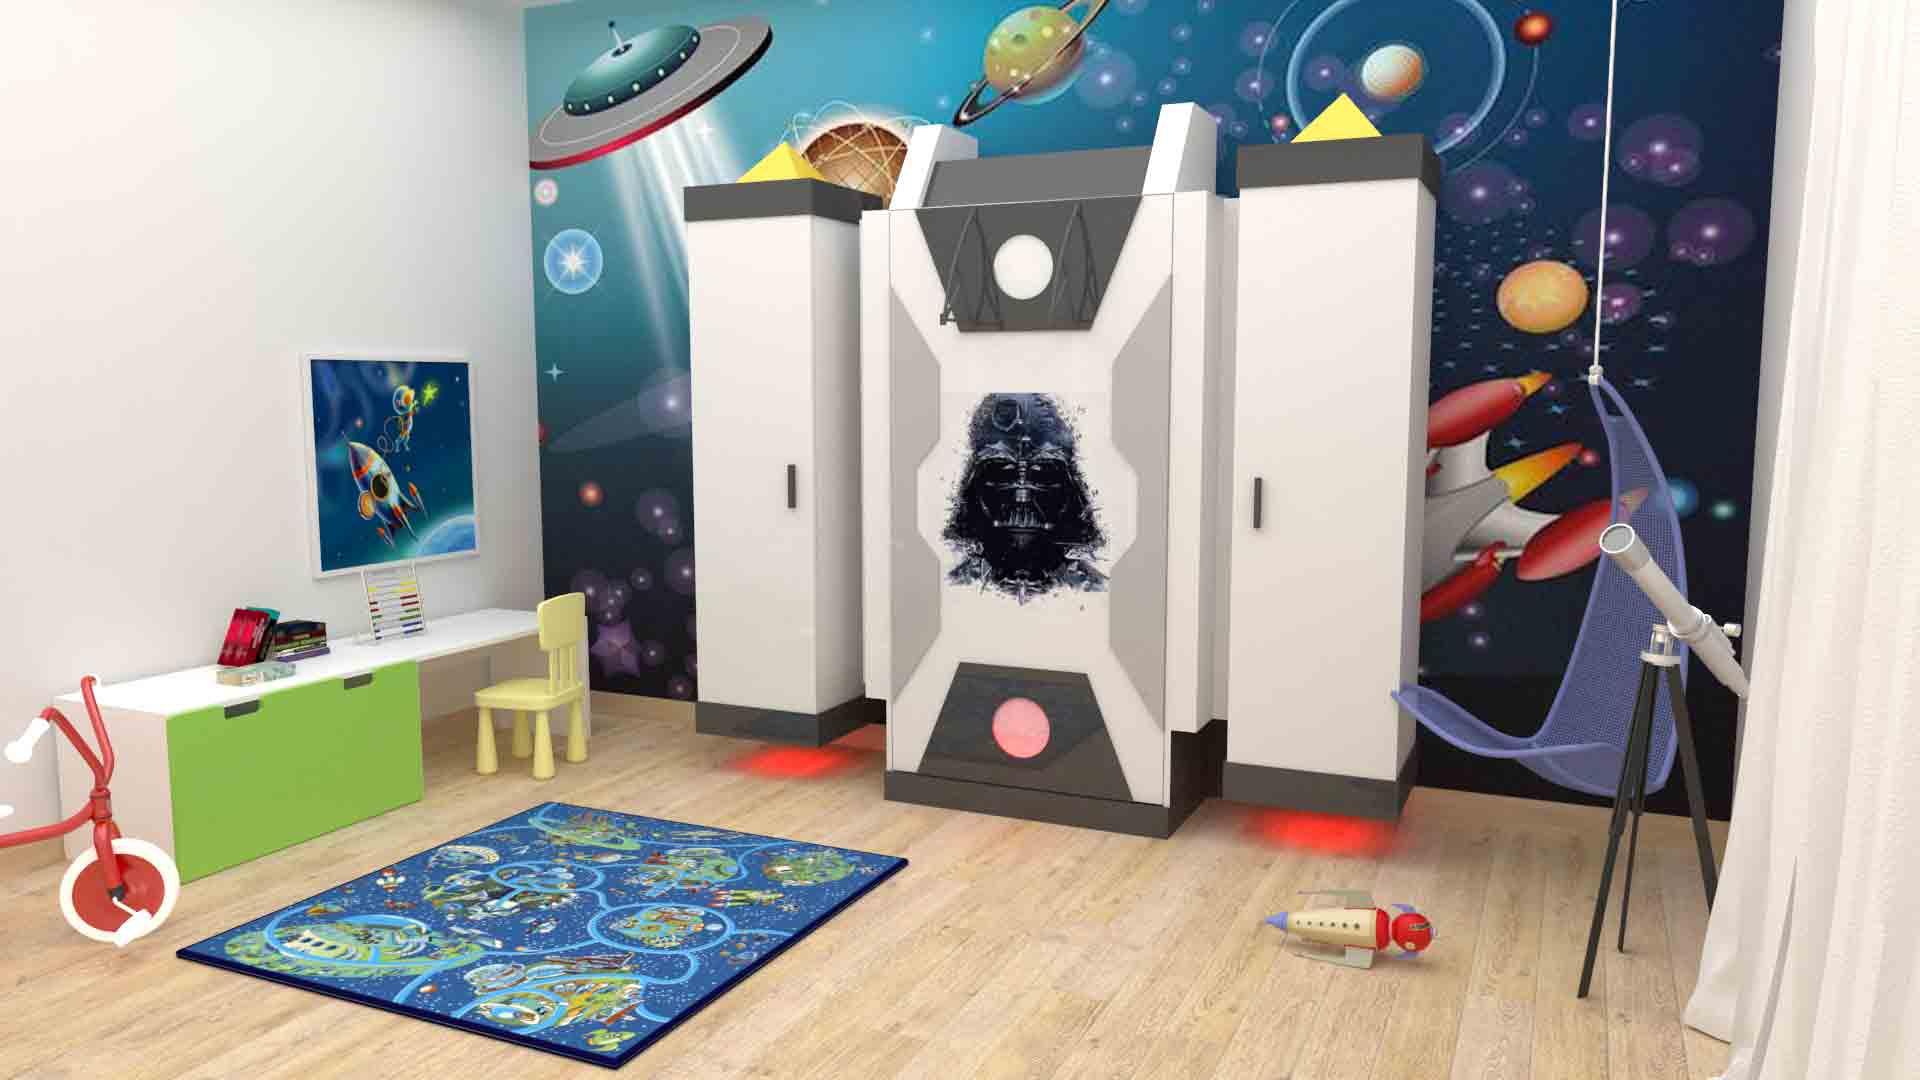 Mobili su misura per bambini camera per bambini star wars for Mobili per camera ragazzi